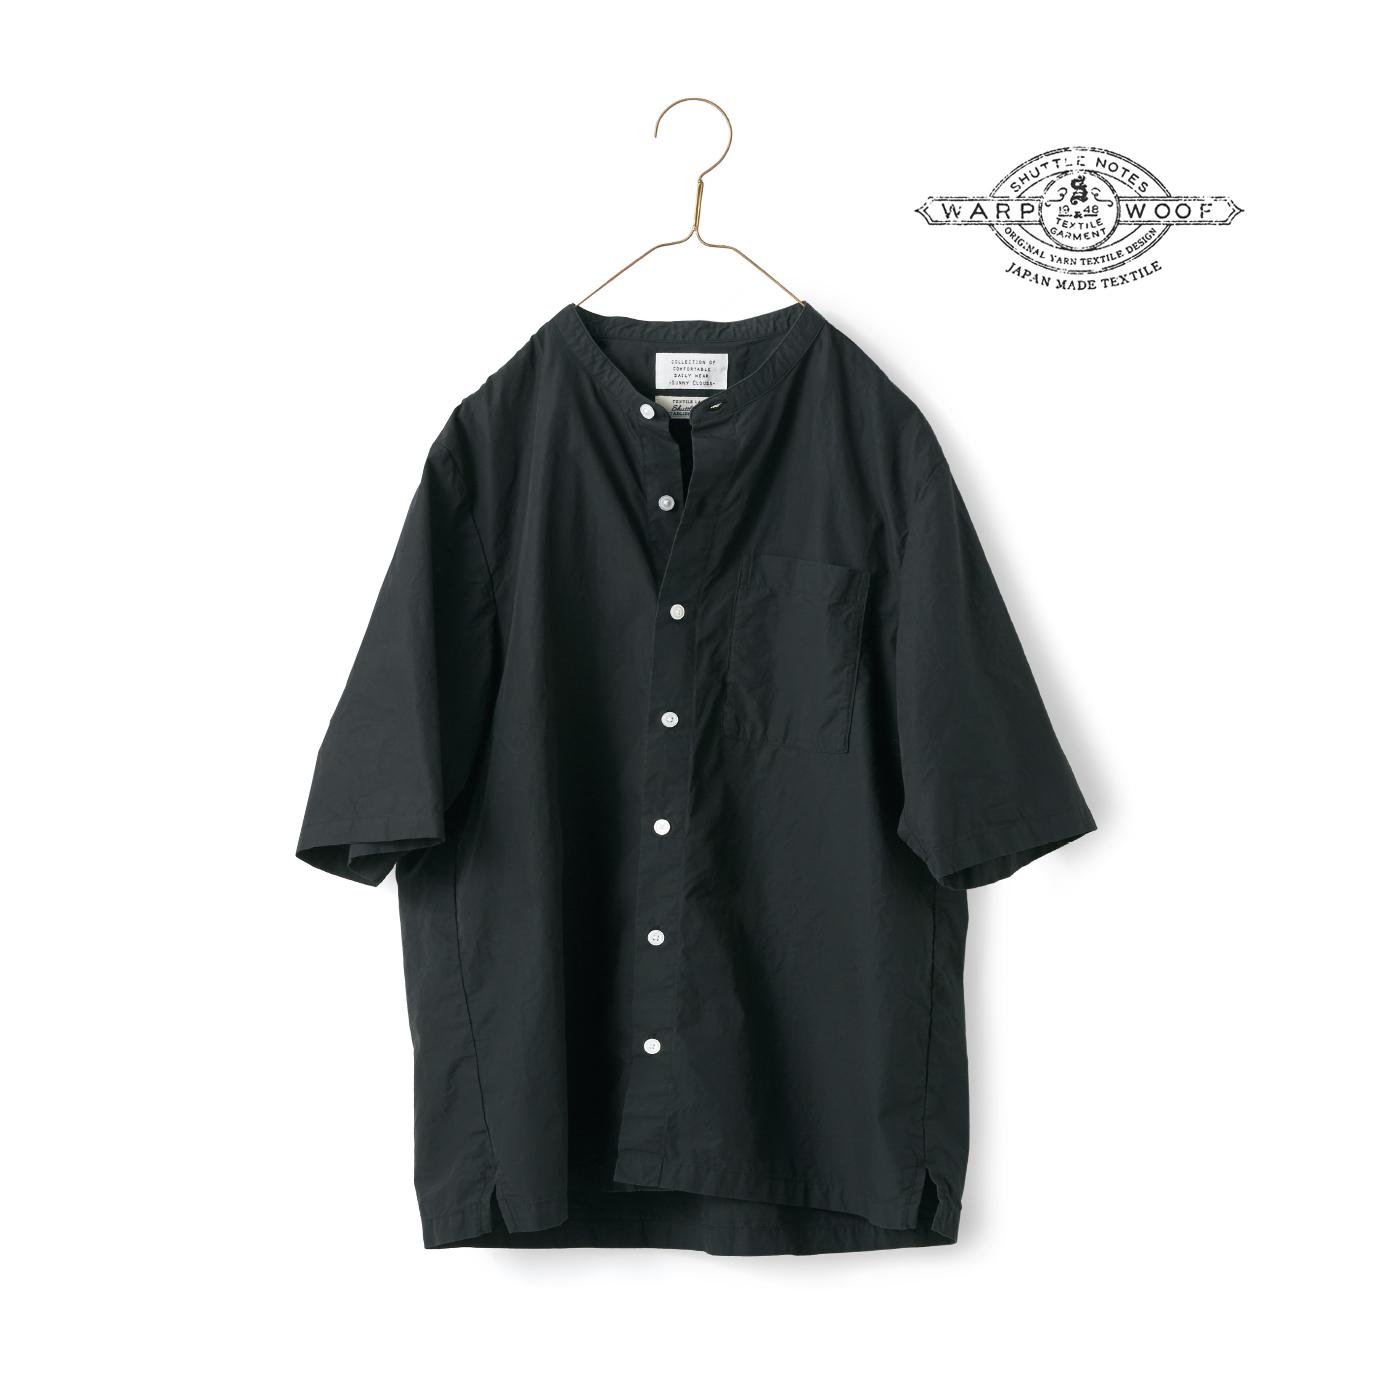 サニークラウズ feat. Shuttle Notes 男前なスタンドカラーシャツ黒